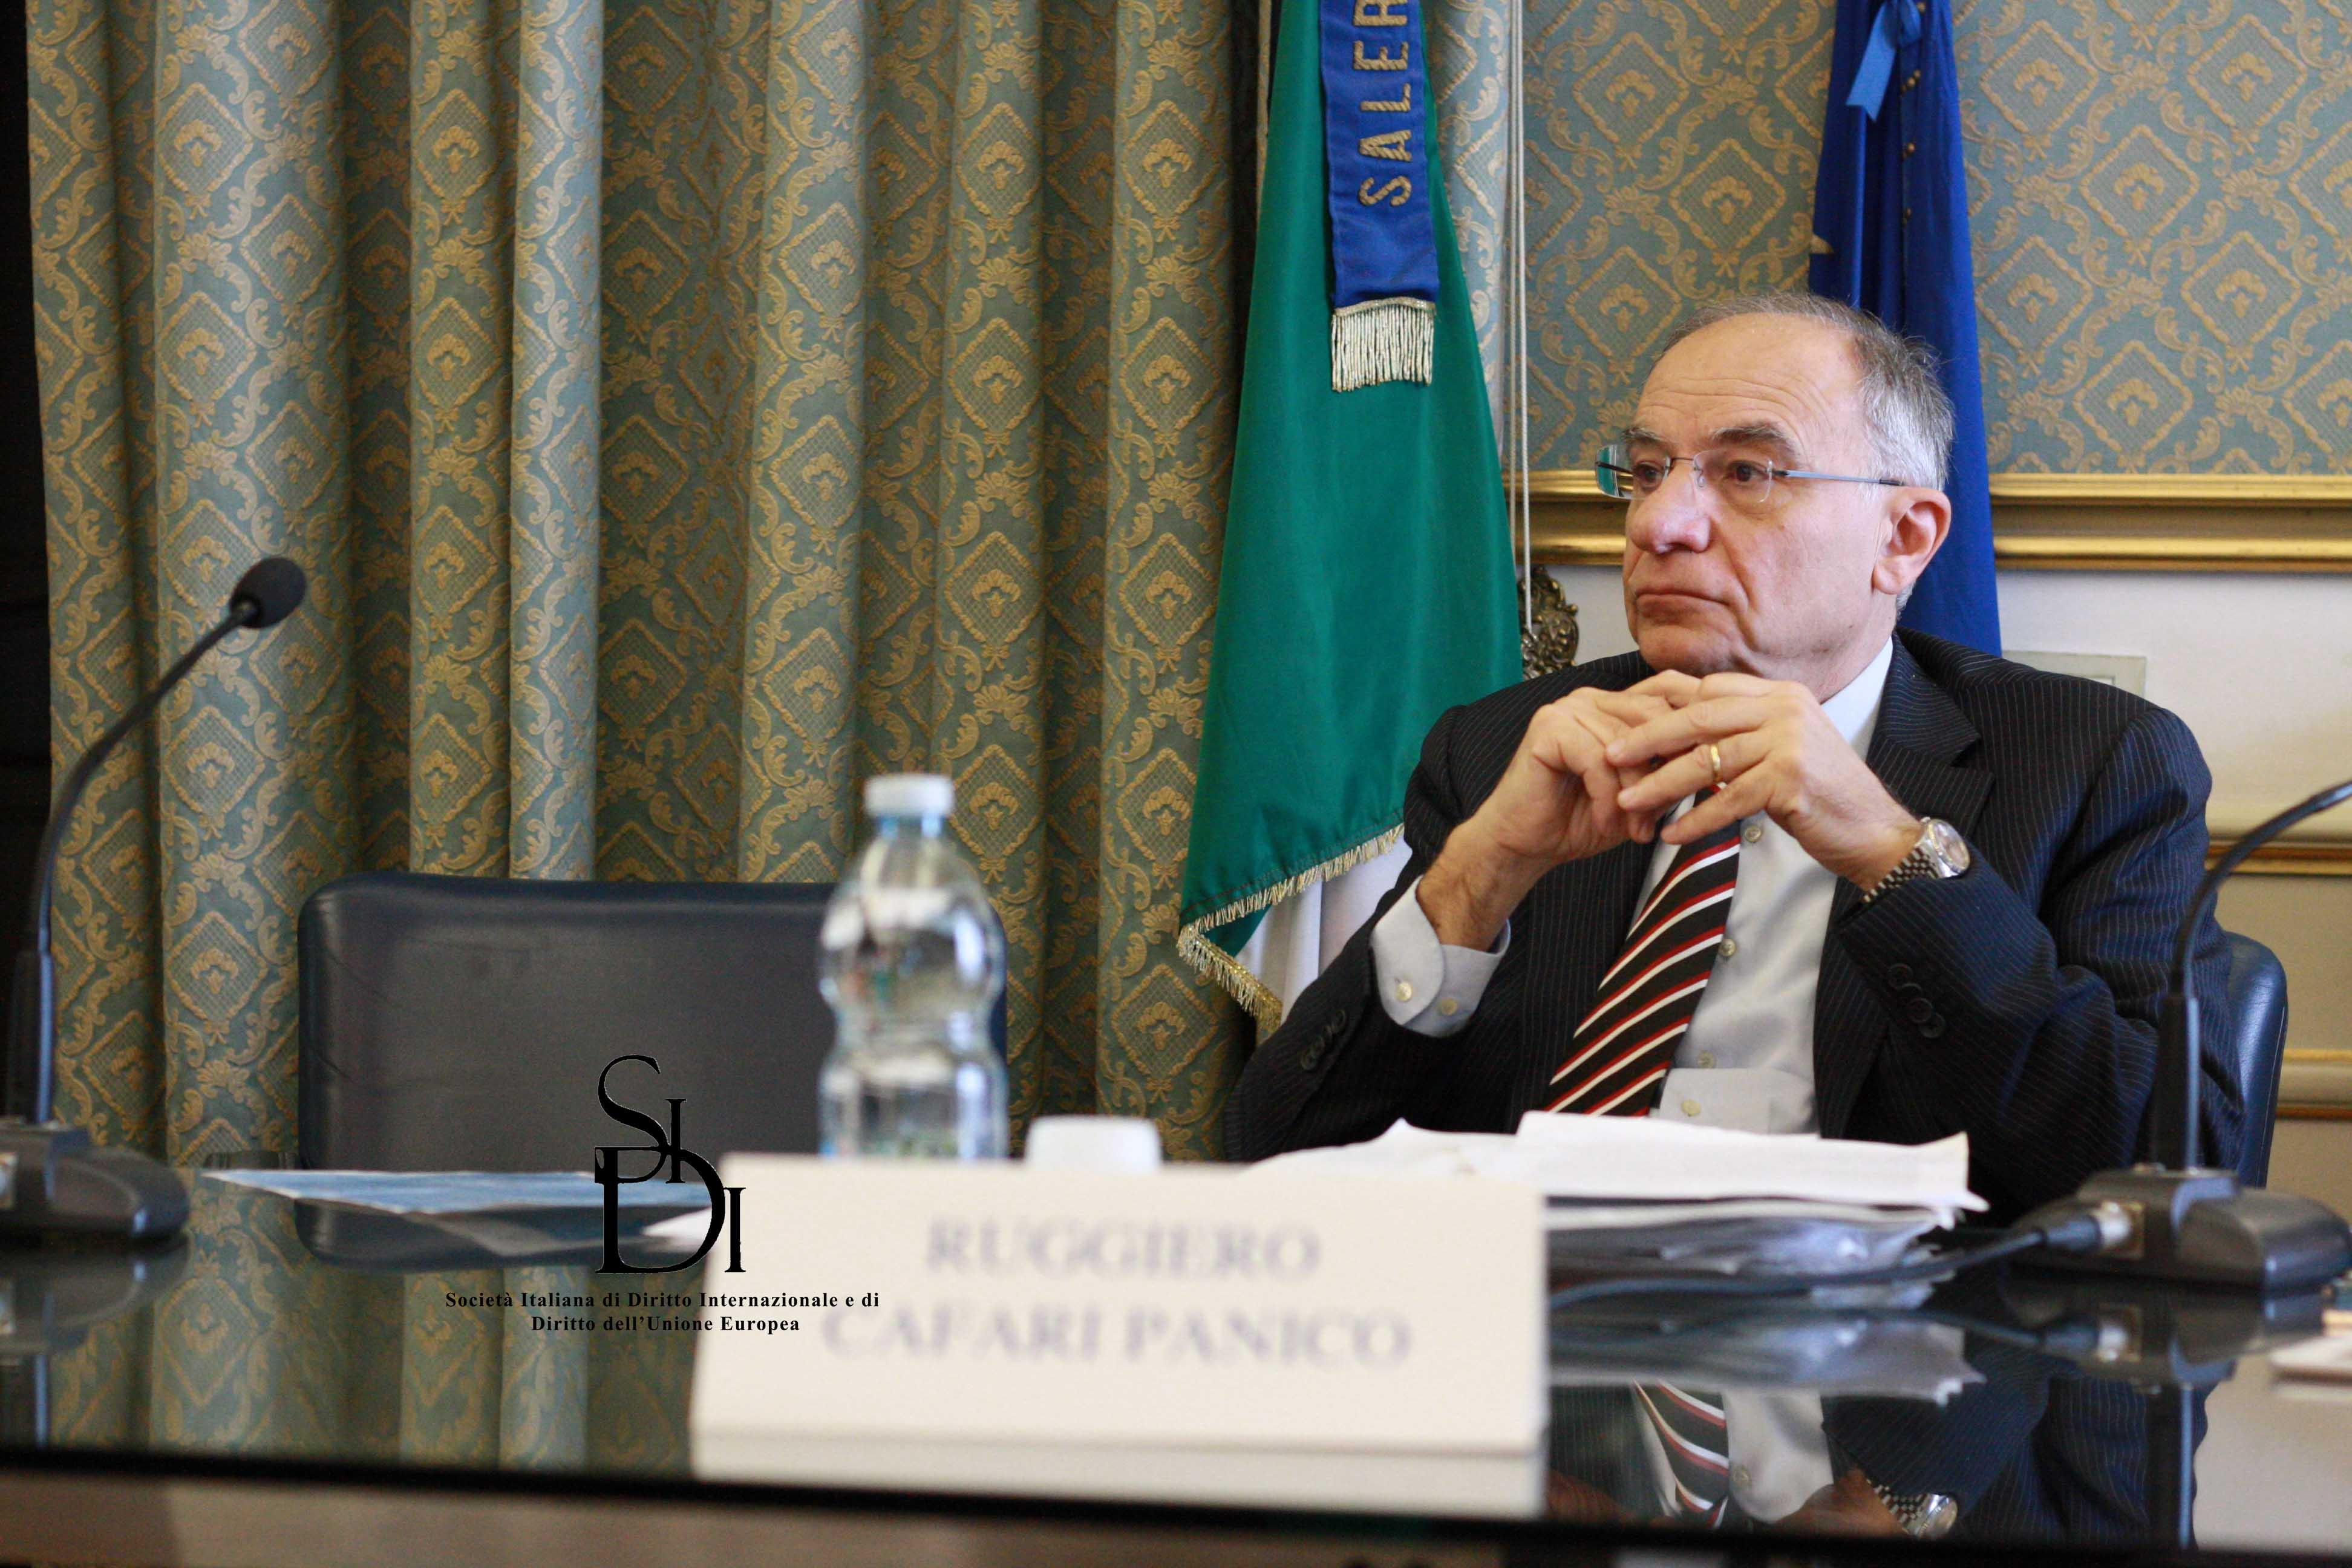 Prof. R. Cafari Panico - Università statale di Milano